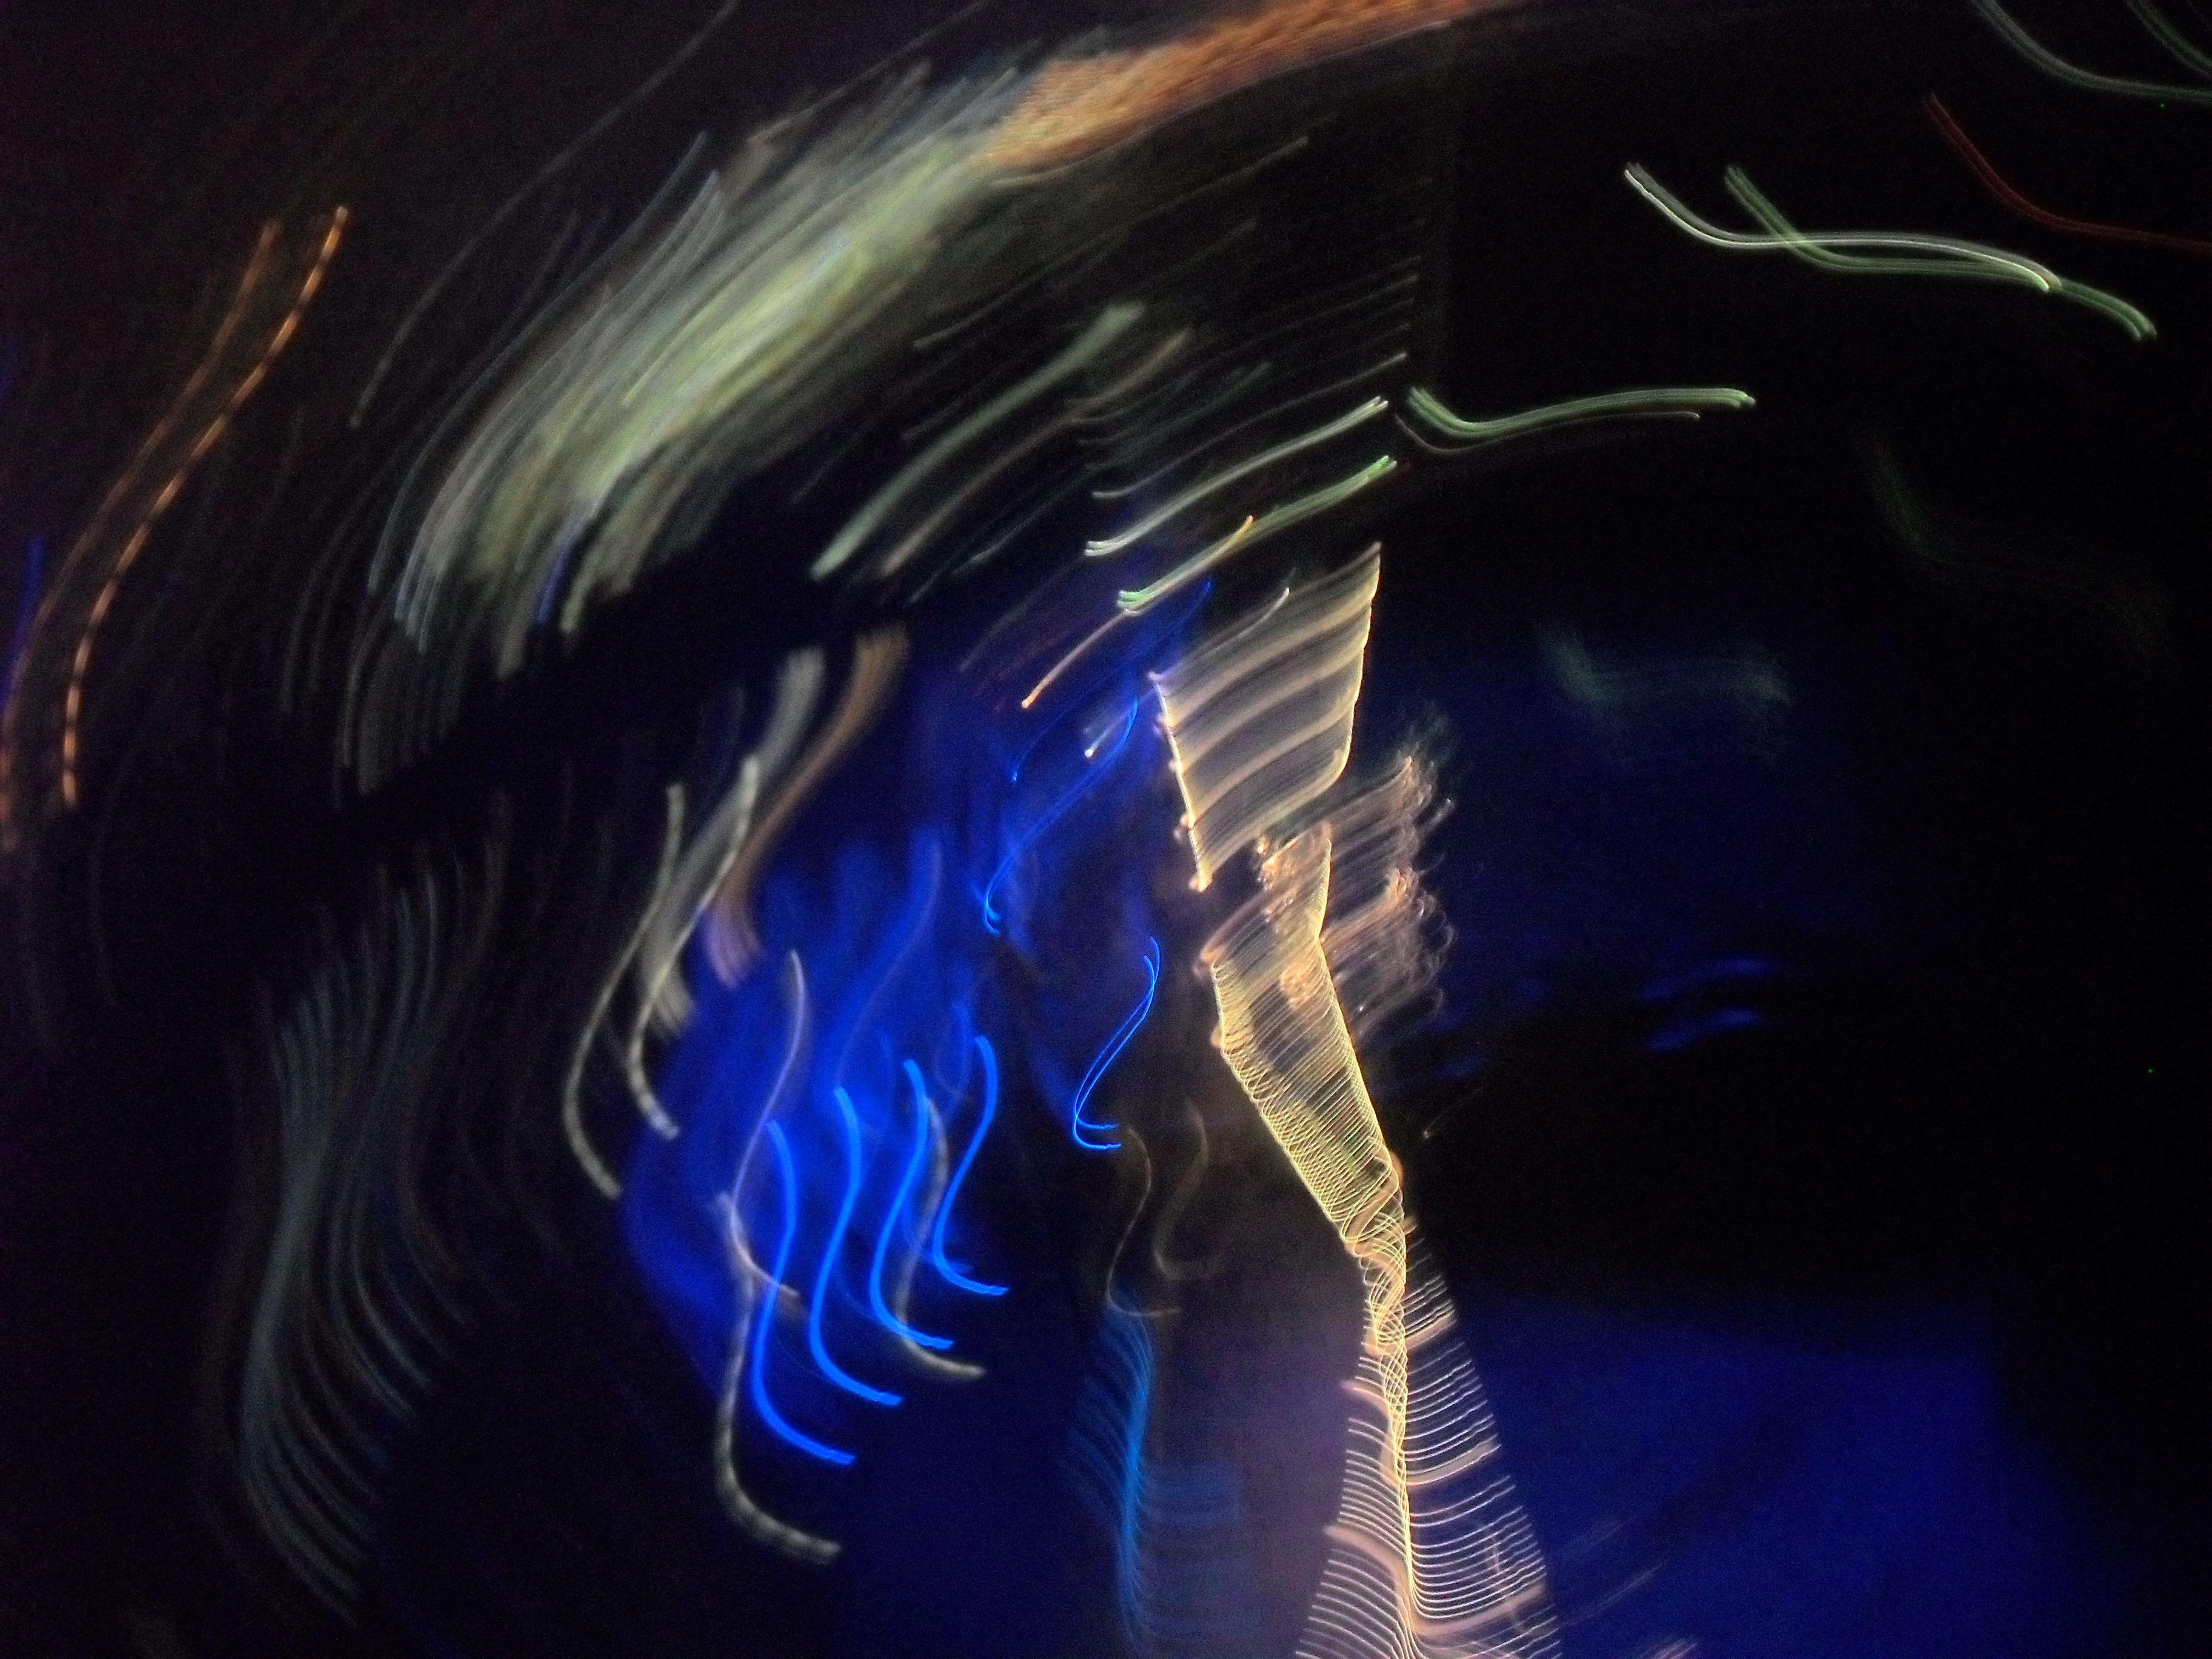 Taken using night mode on my camera